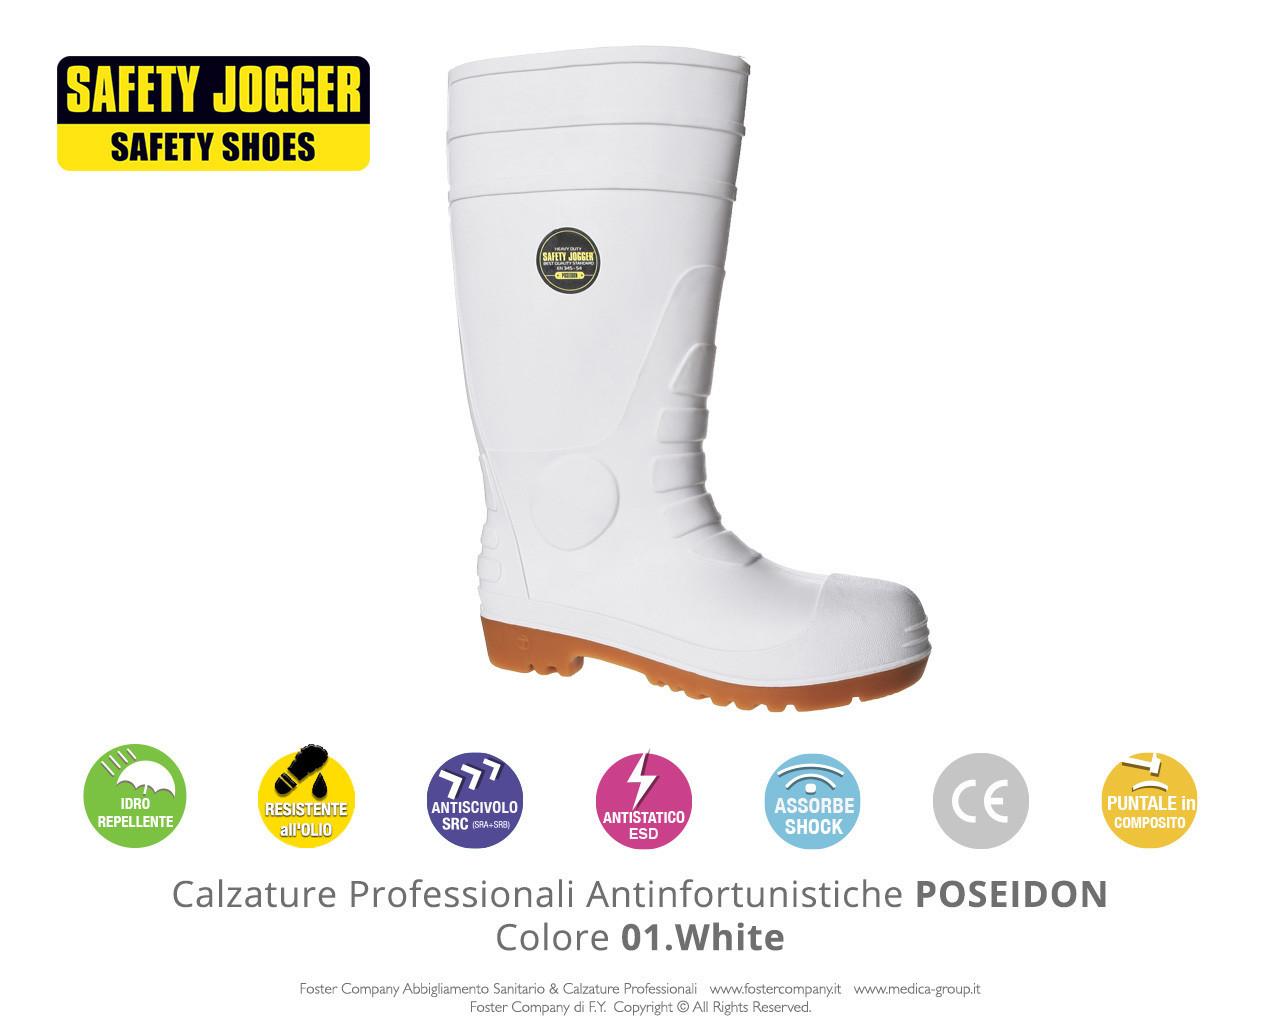 Calzature Professionali Antinfortunistiche con Puntale di Protezione Safety Jogger POSEIDON Colore 01. White